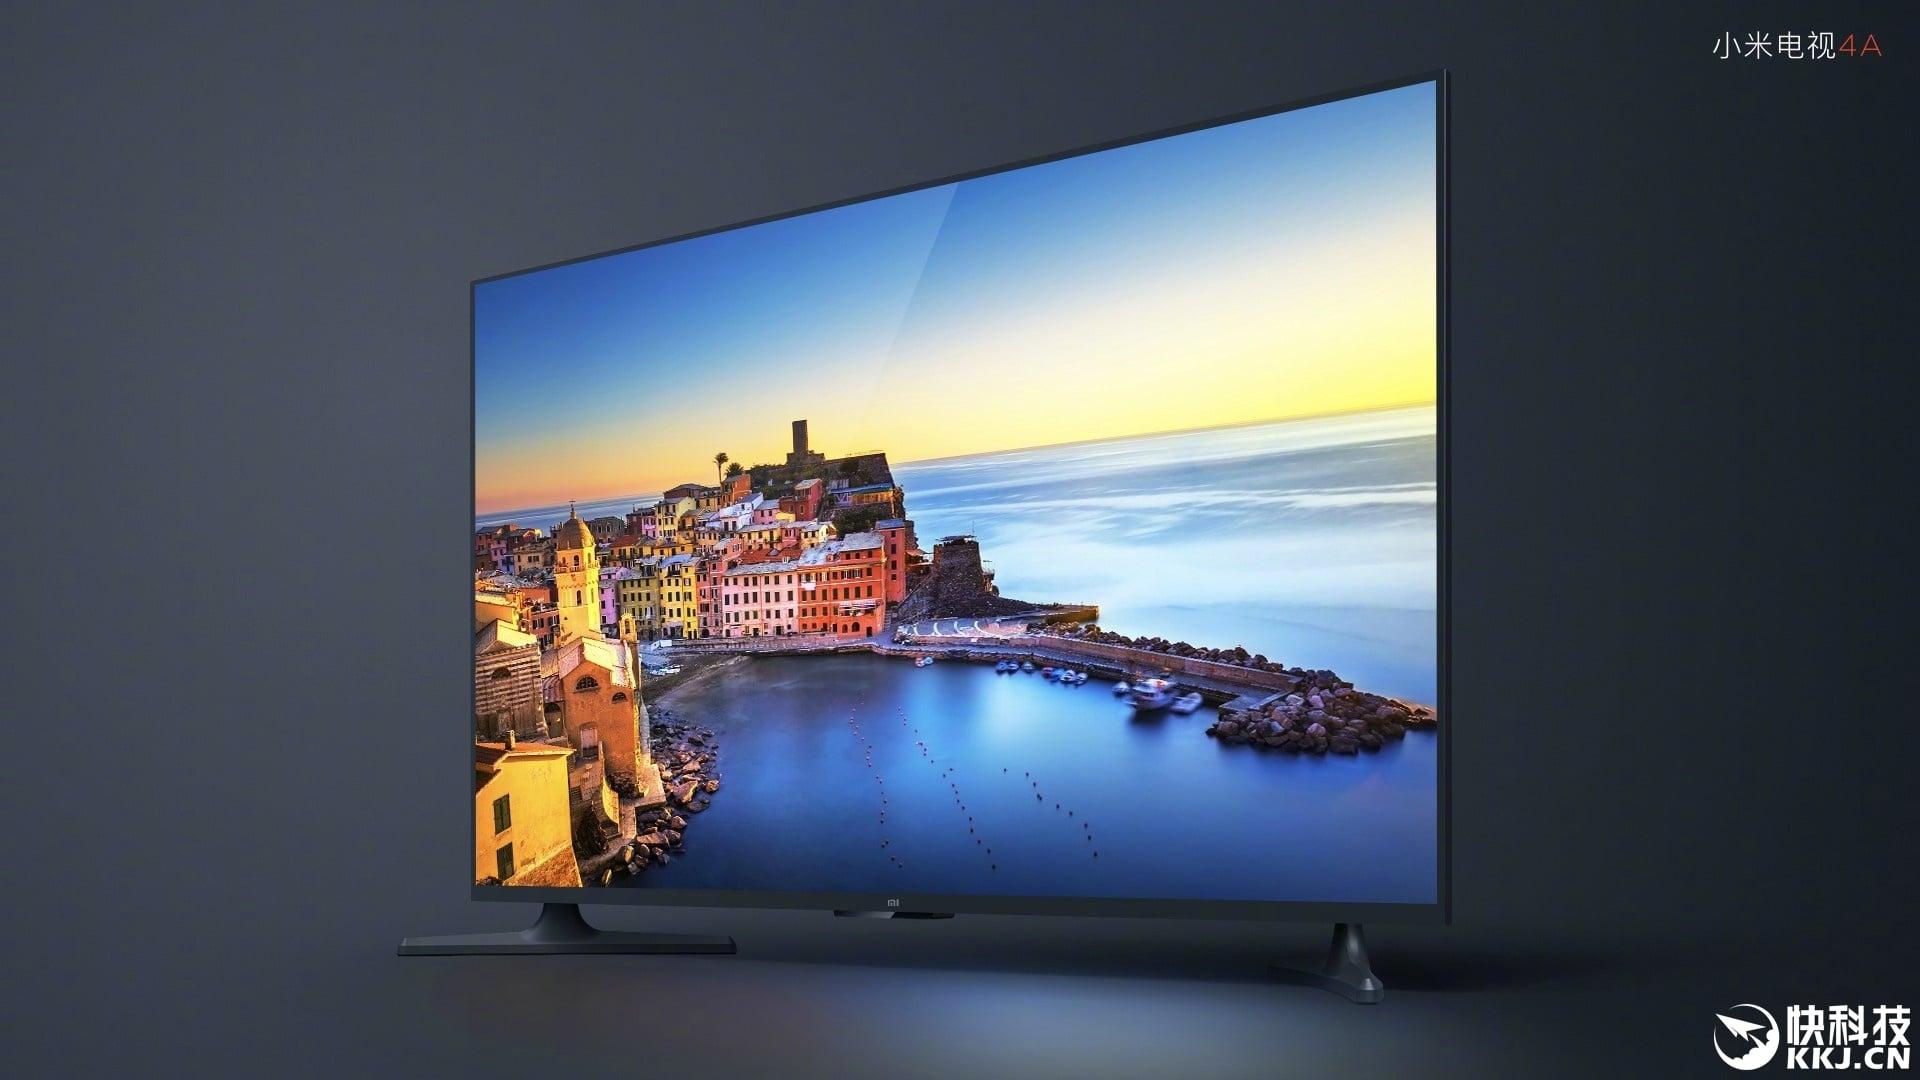 Kiedy producenci smartfonów idą w telewizory: pierwsze informacje o Redmi TV